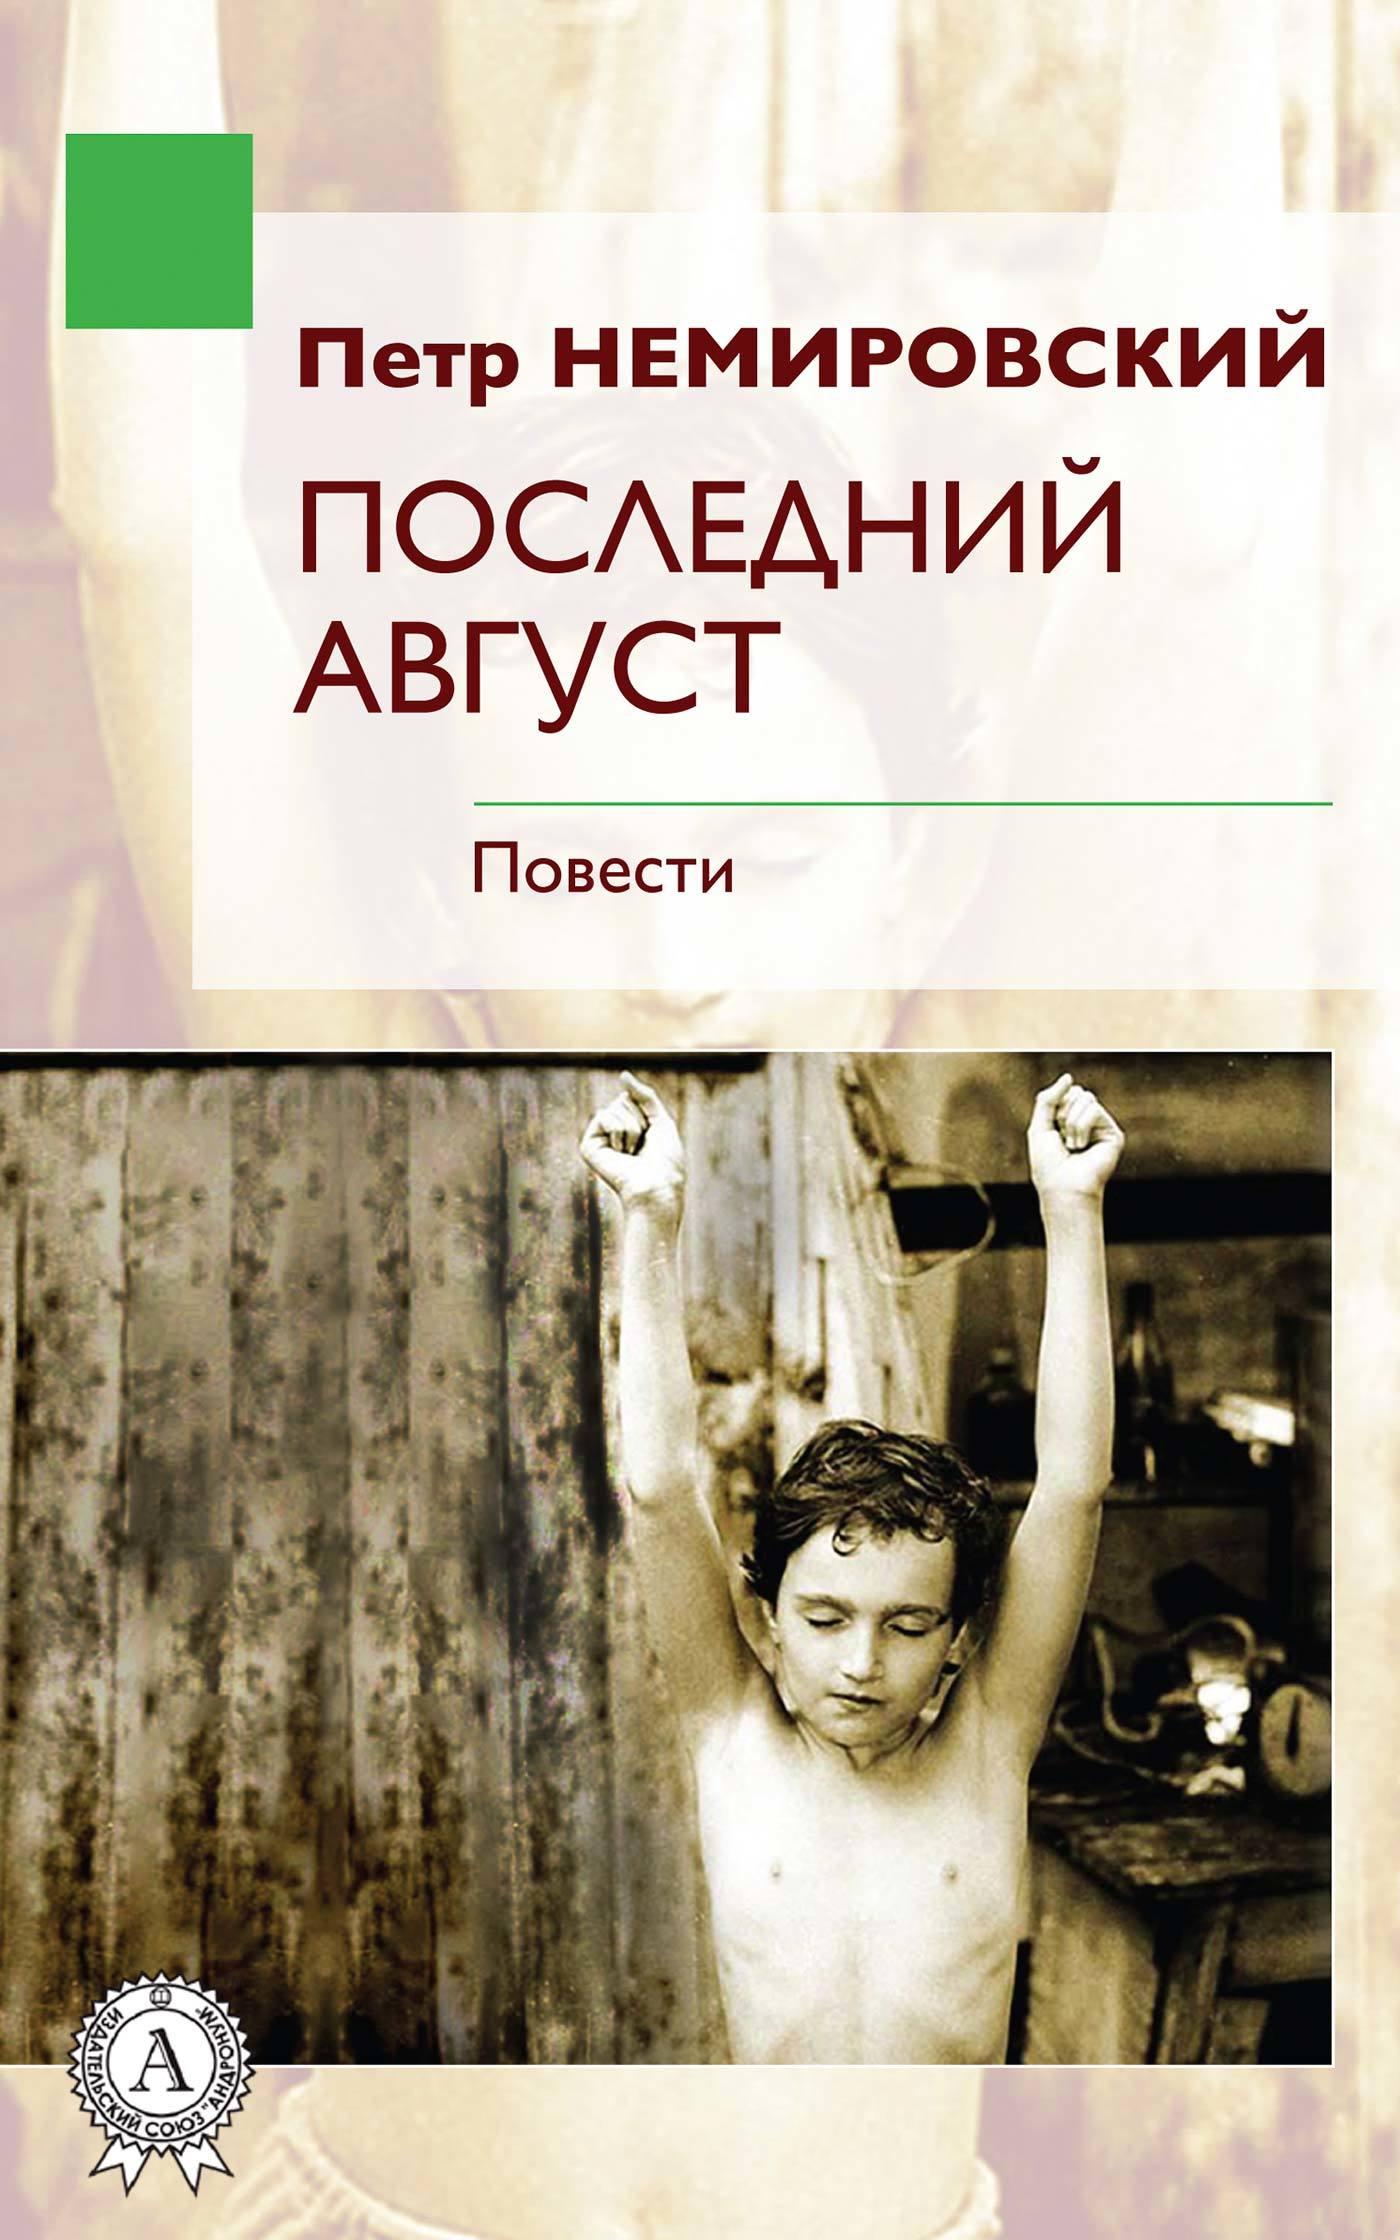 Петр Немировский - Последний август